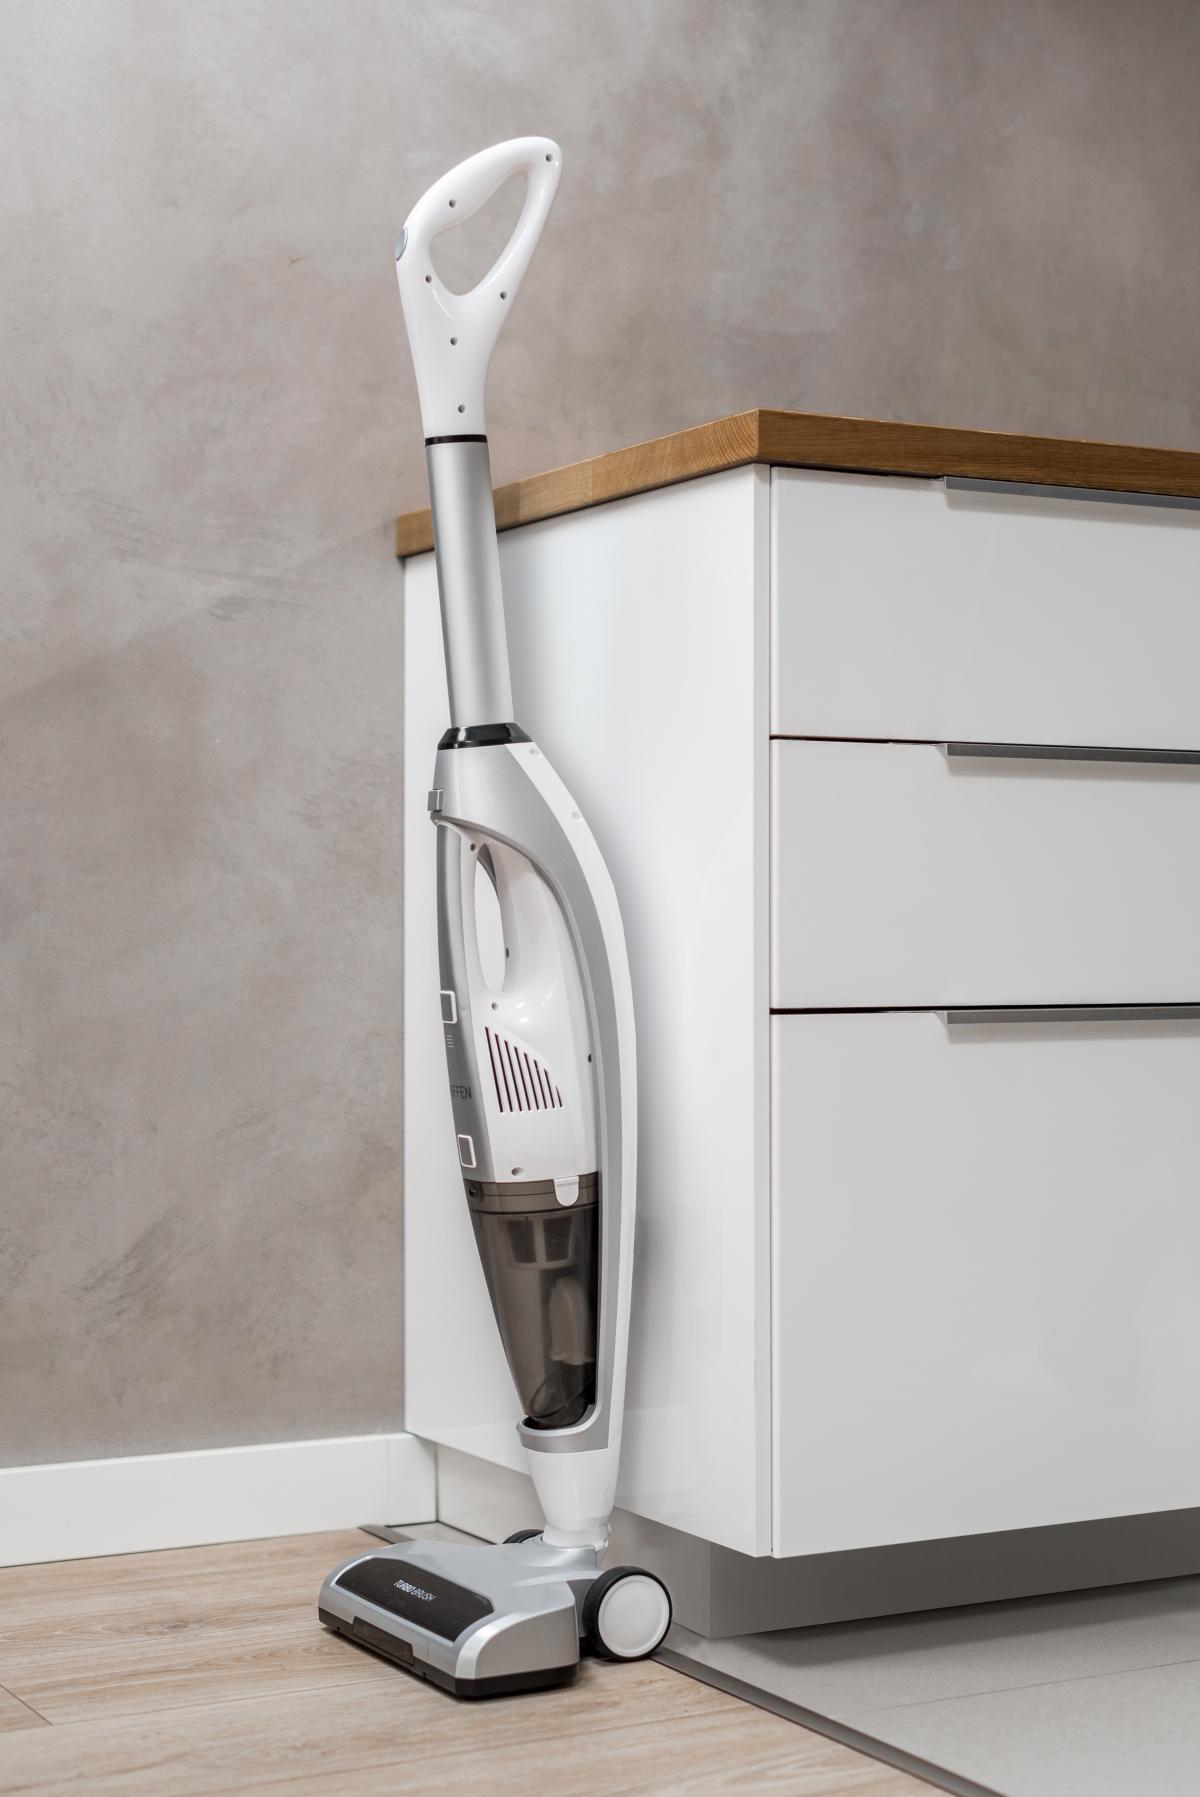 Bezprzewodowy odkurzacz myjący marki Hoffen 3 w 1 Promocja